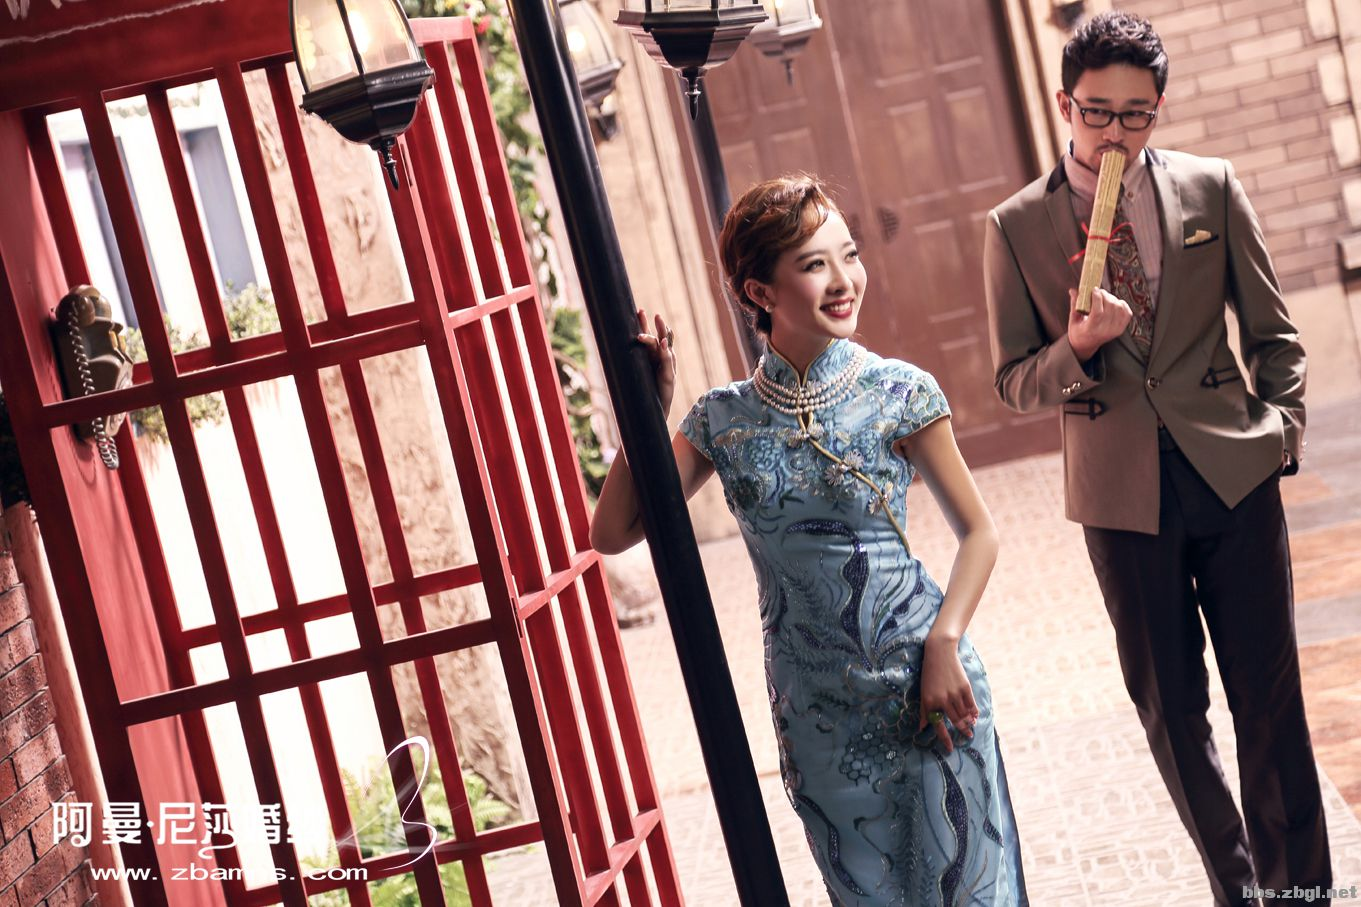 【阿曼尼莎婚纱摄影】----花样年华